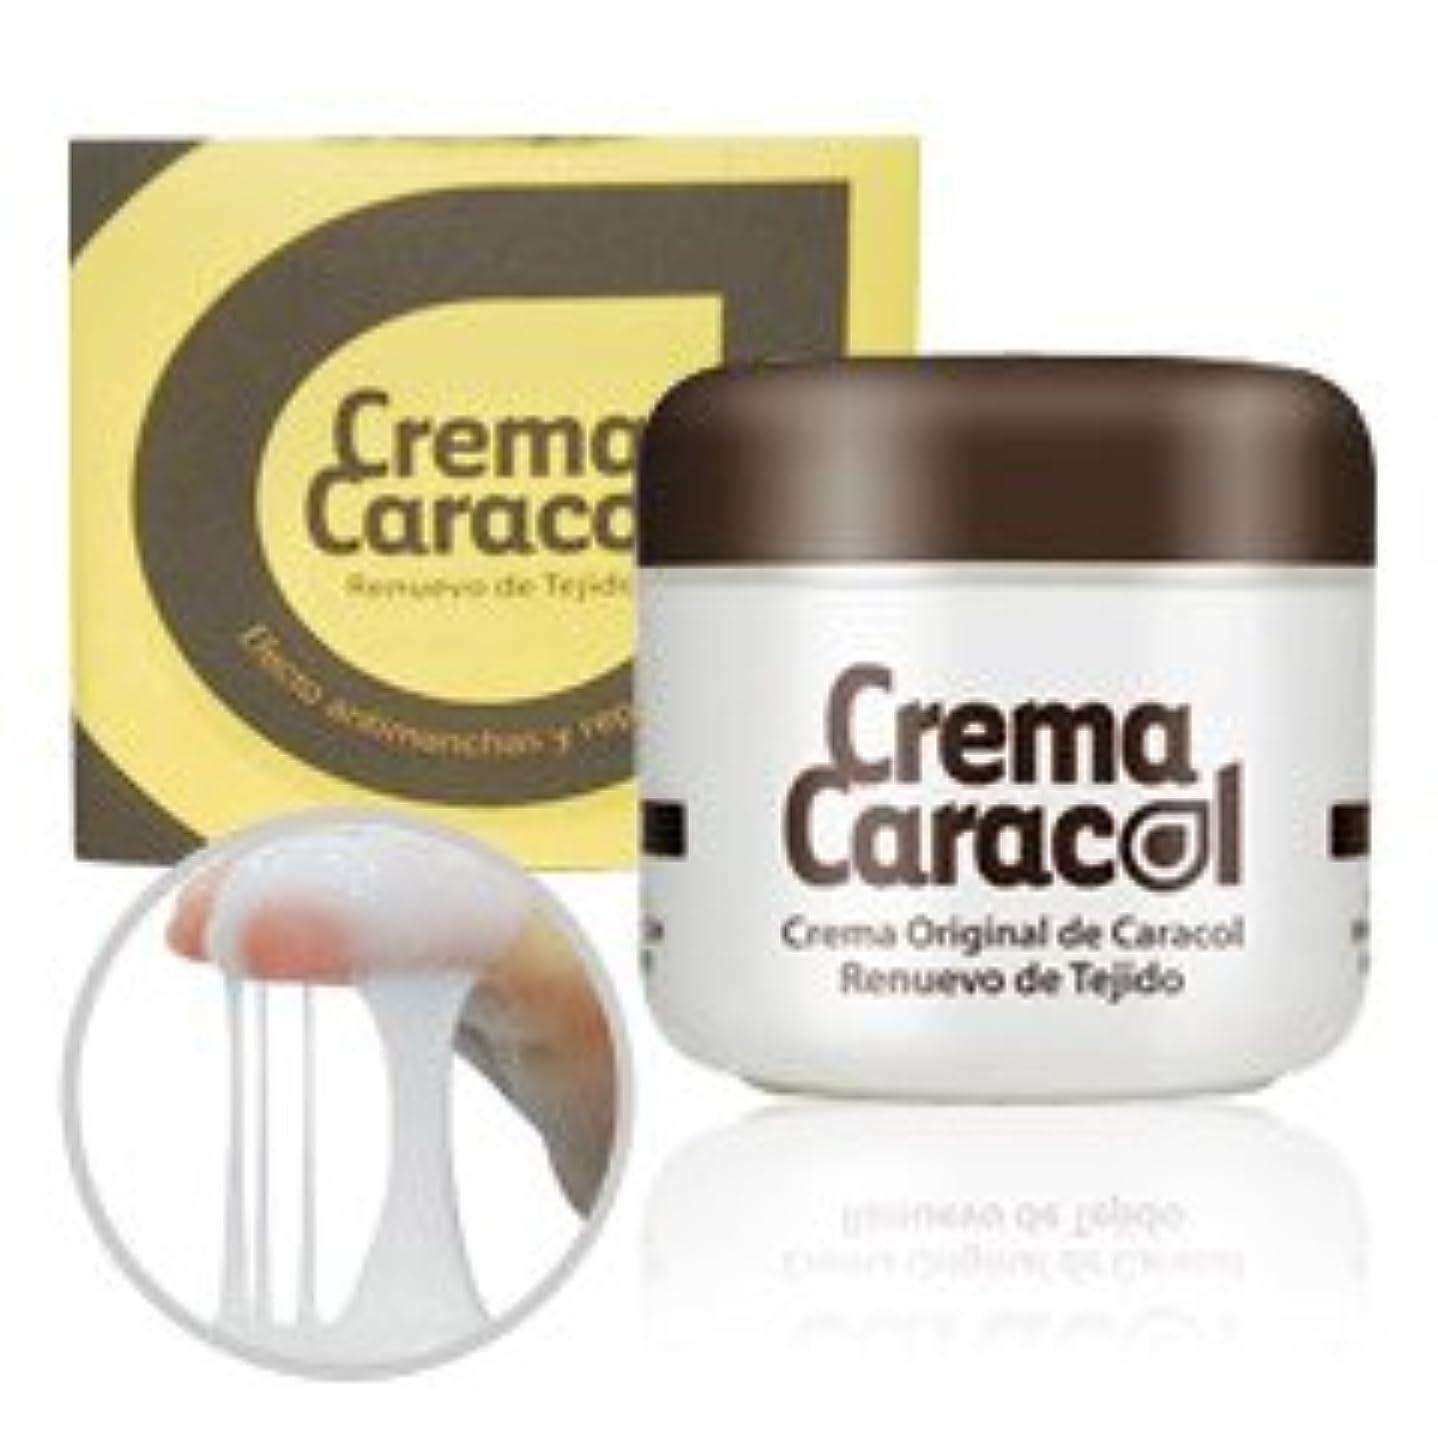 富ヒールシンプトンcrema caracol(カラコール) かたつむりクリーム 3個セット